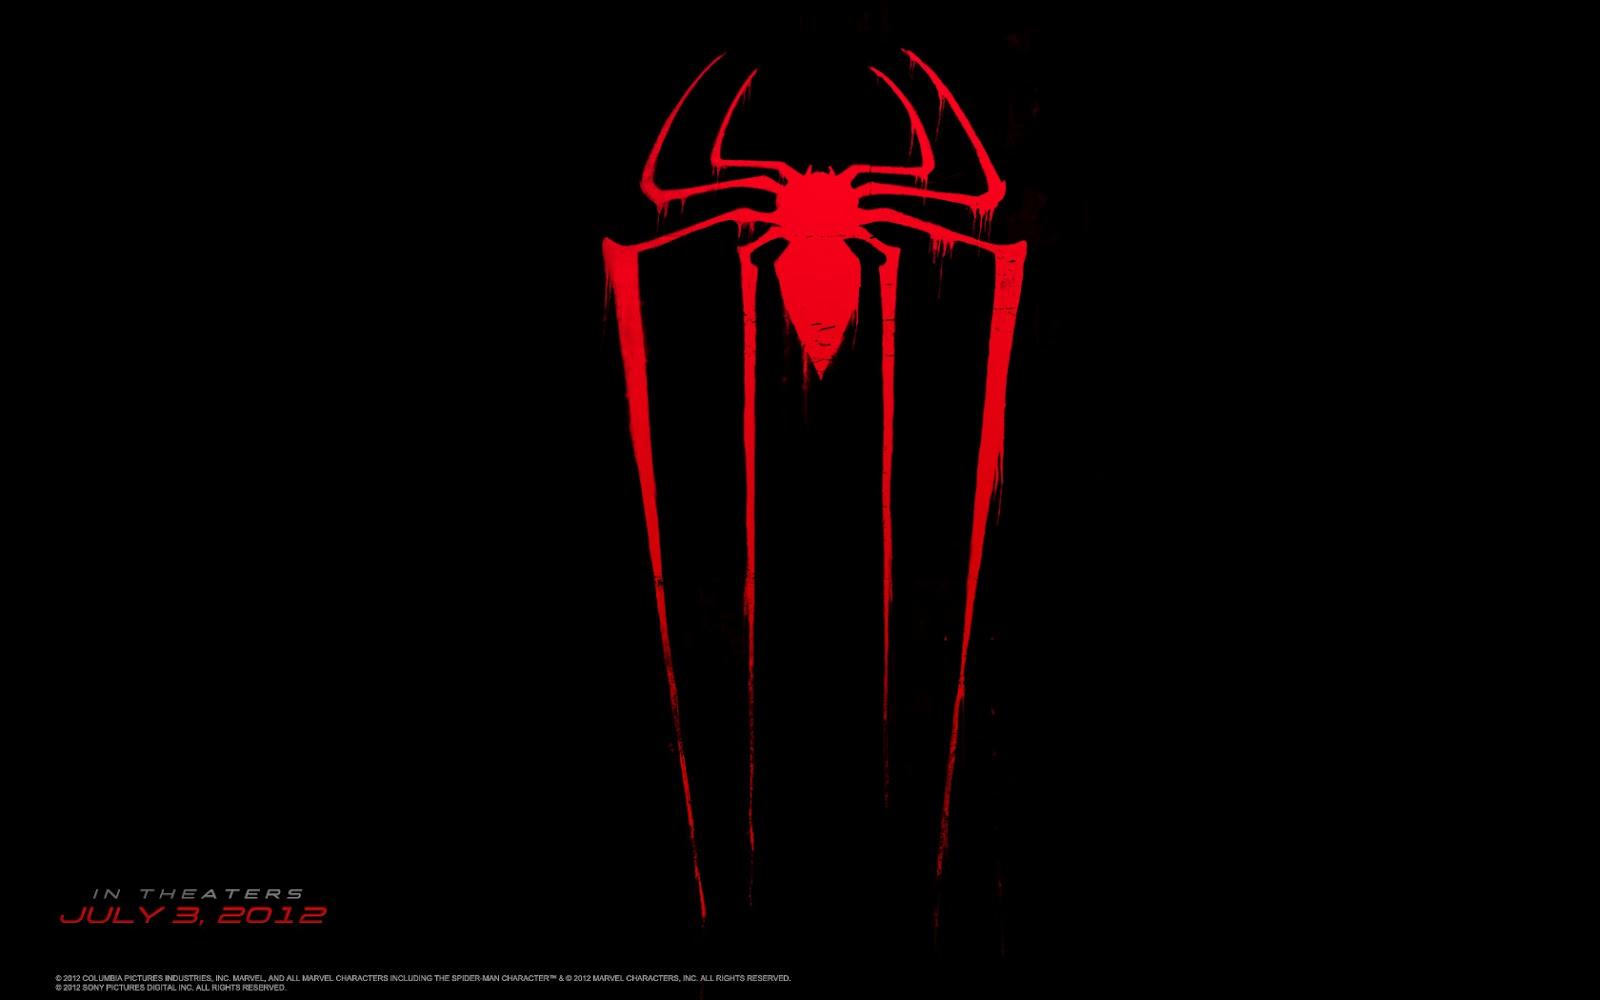 http://1.bp.blogspot.com/-ATlWDNh1WHU/UGM5nv1vtYI/AAAAAAAAArY/YLtdeYHGE6E/s1600/spider-man-wallpaper3.jpg